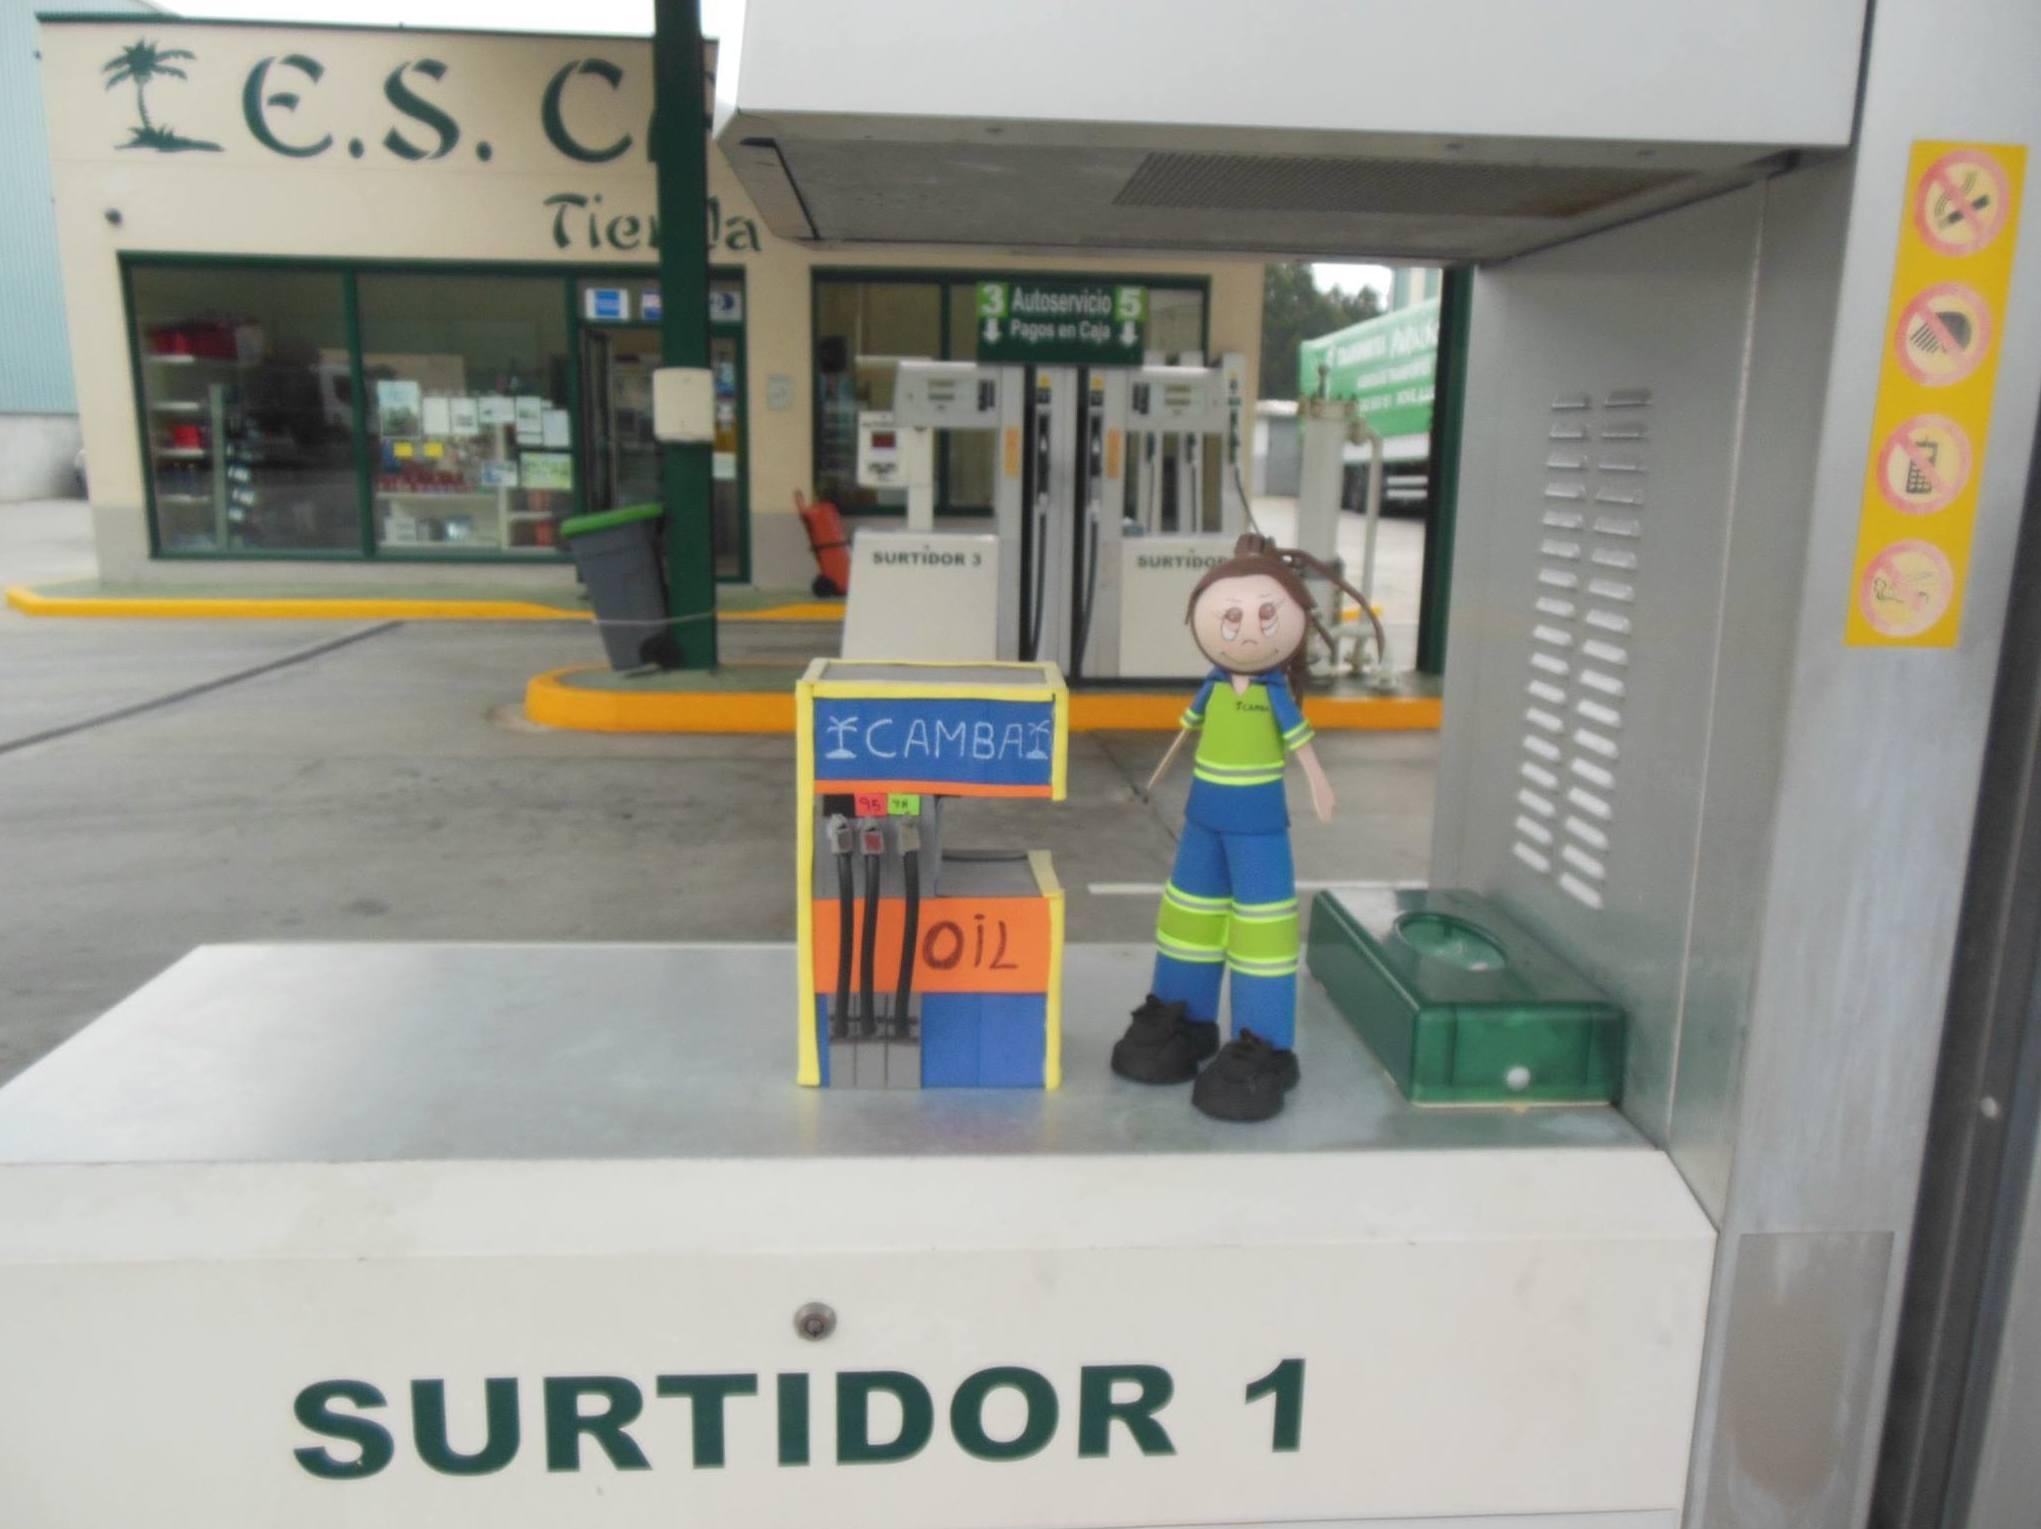 Venta de carburantes 24 horas en Lugo